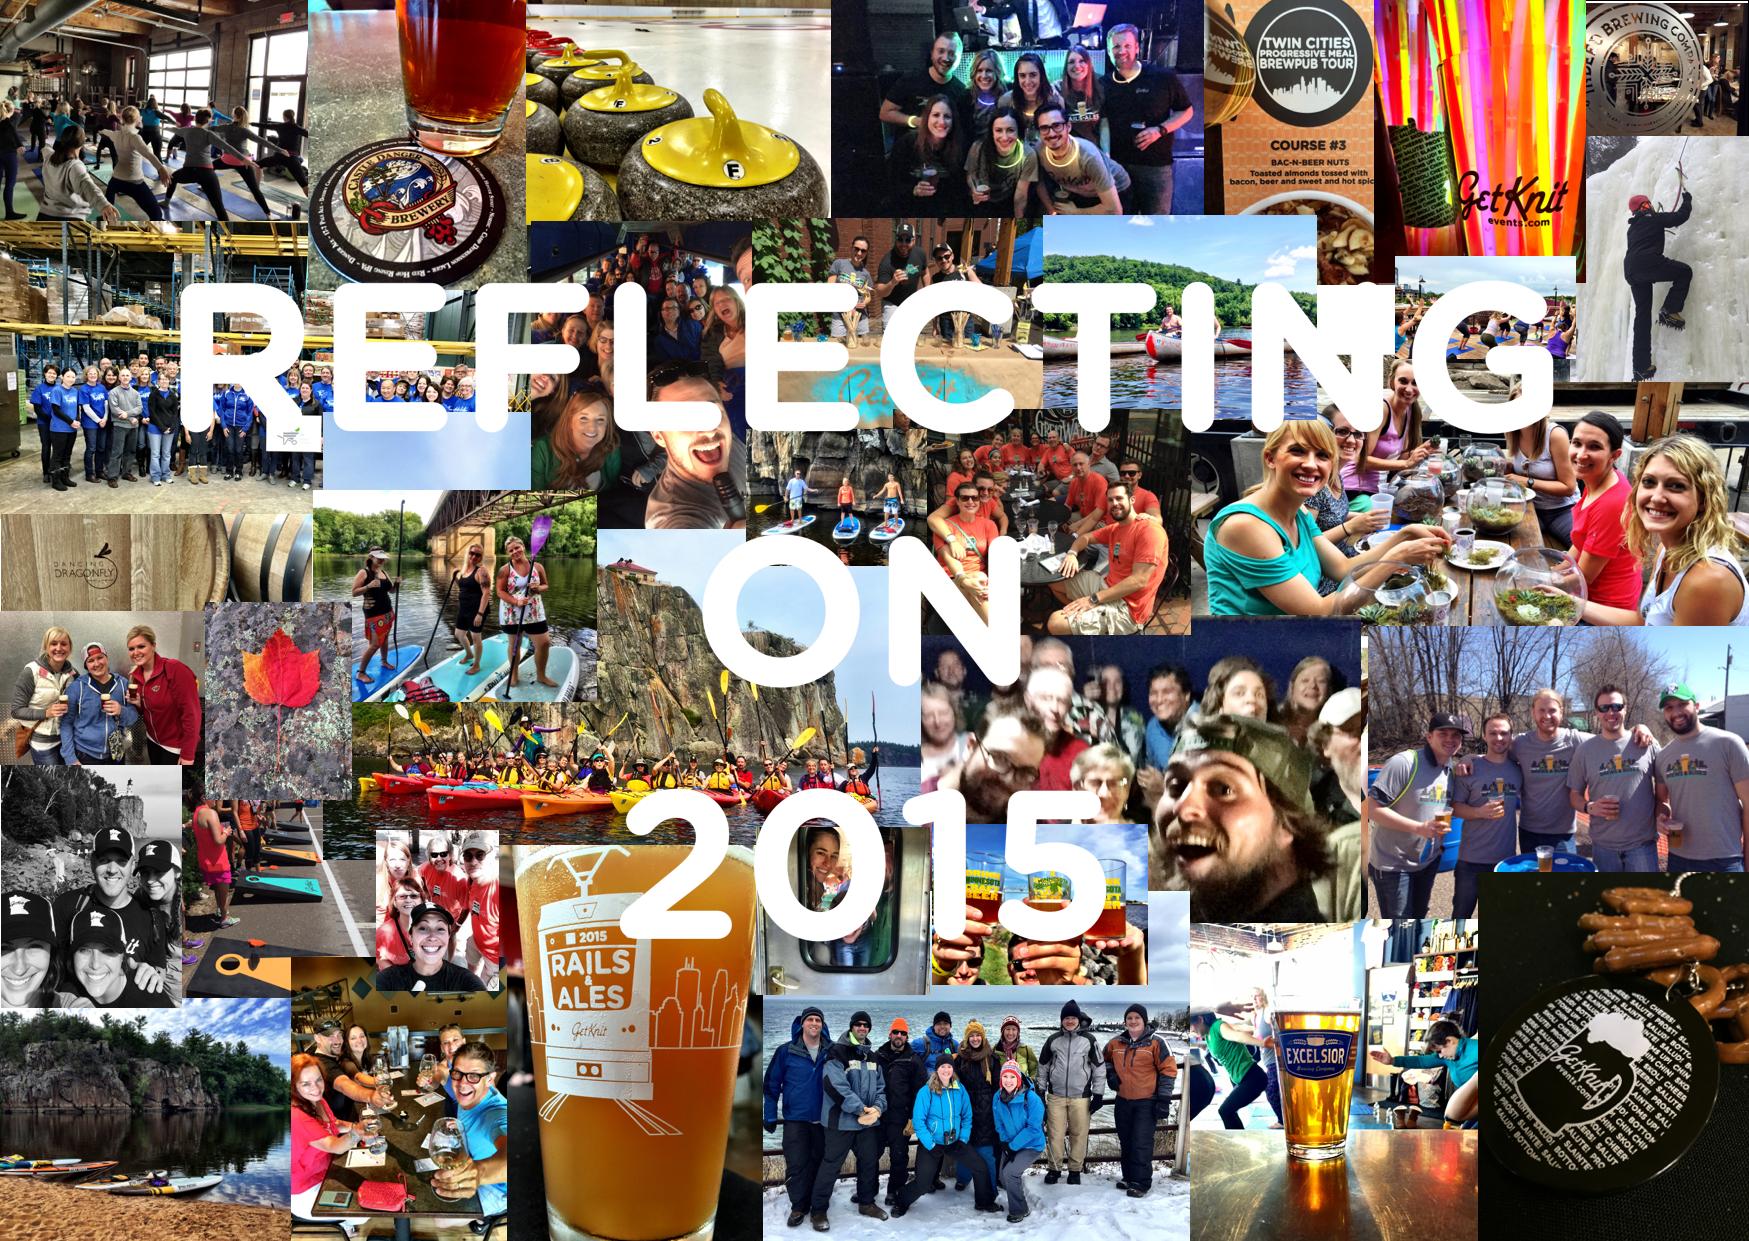 Reflecting & Celebrating 2015